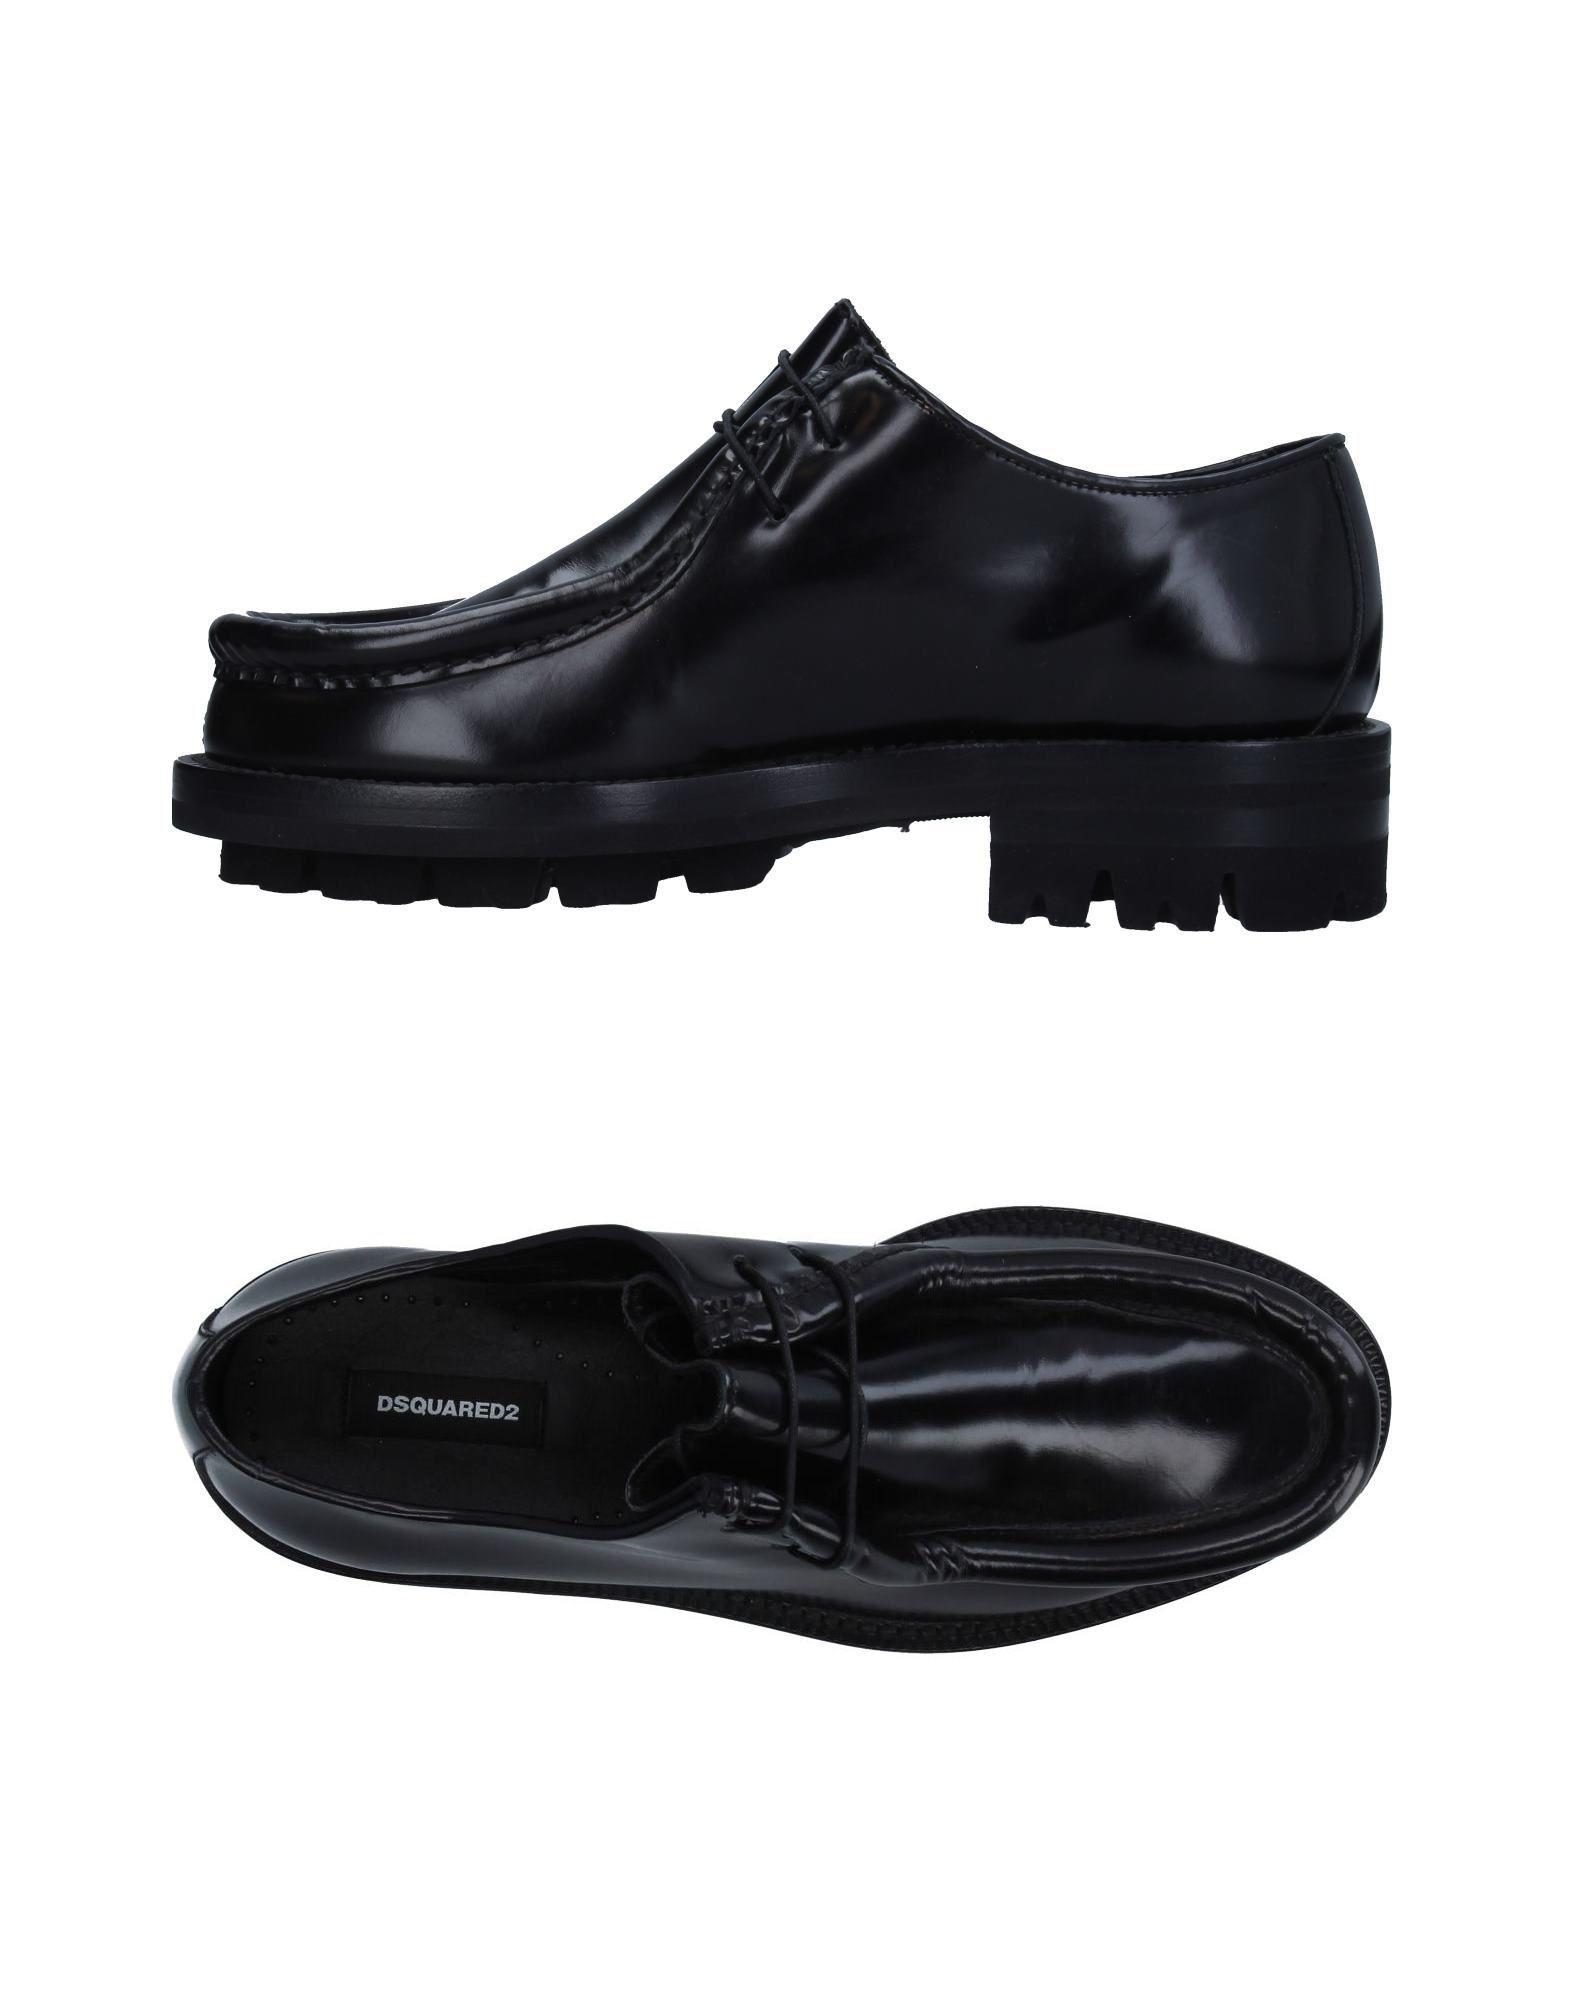 Dsquared2 Schnürschuhe Herren  11324380EQ Gute Qualität beliebte Schuhe